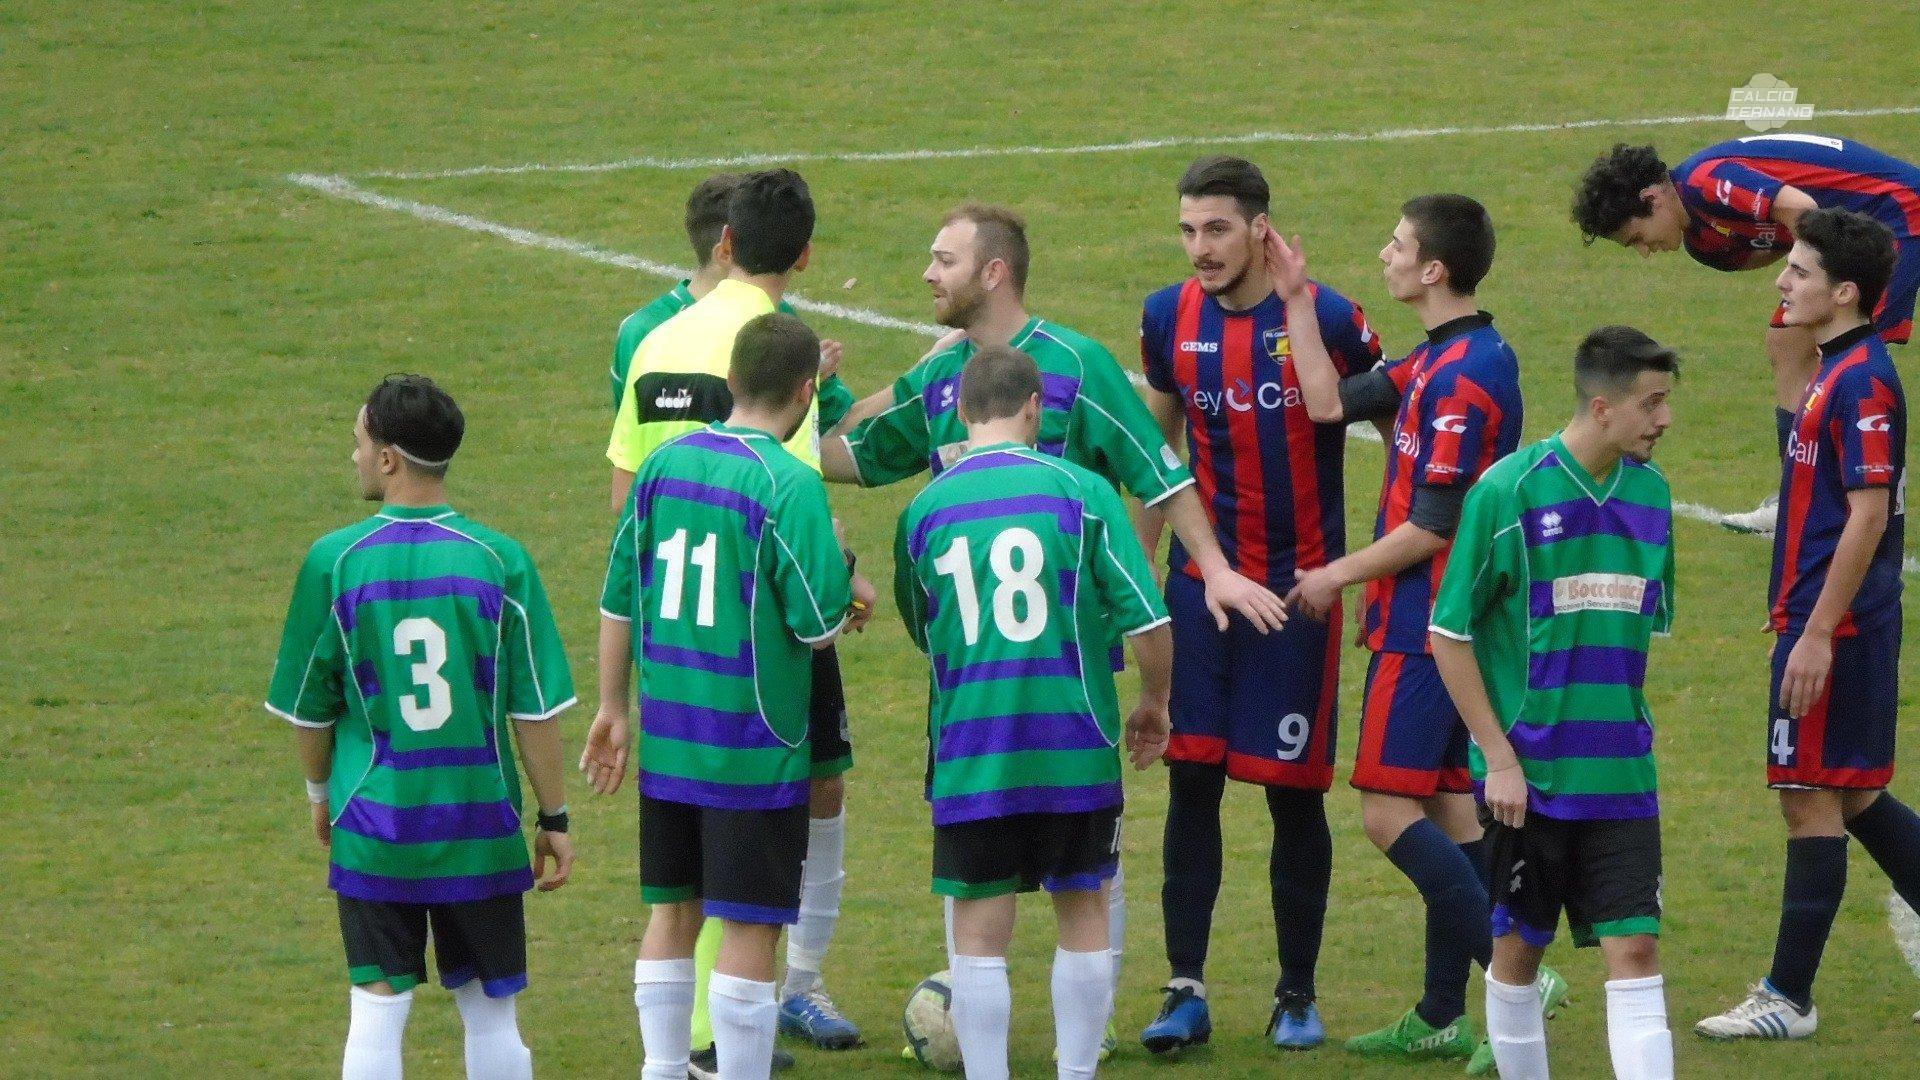 Promozione girone B, i verdetti dell'ultima giornata